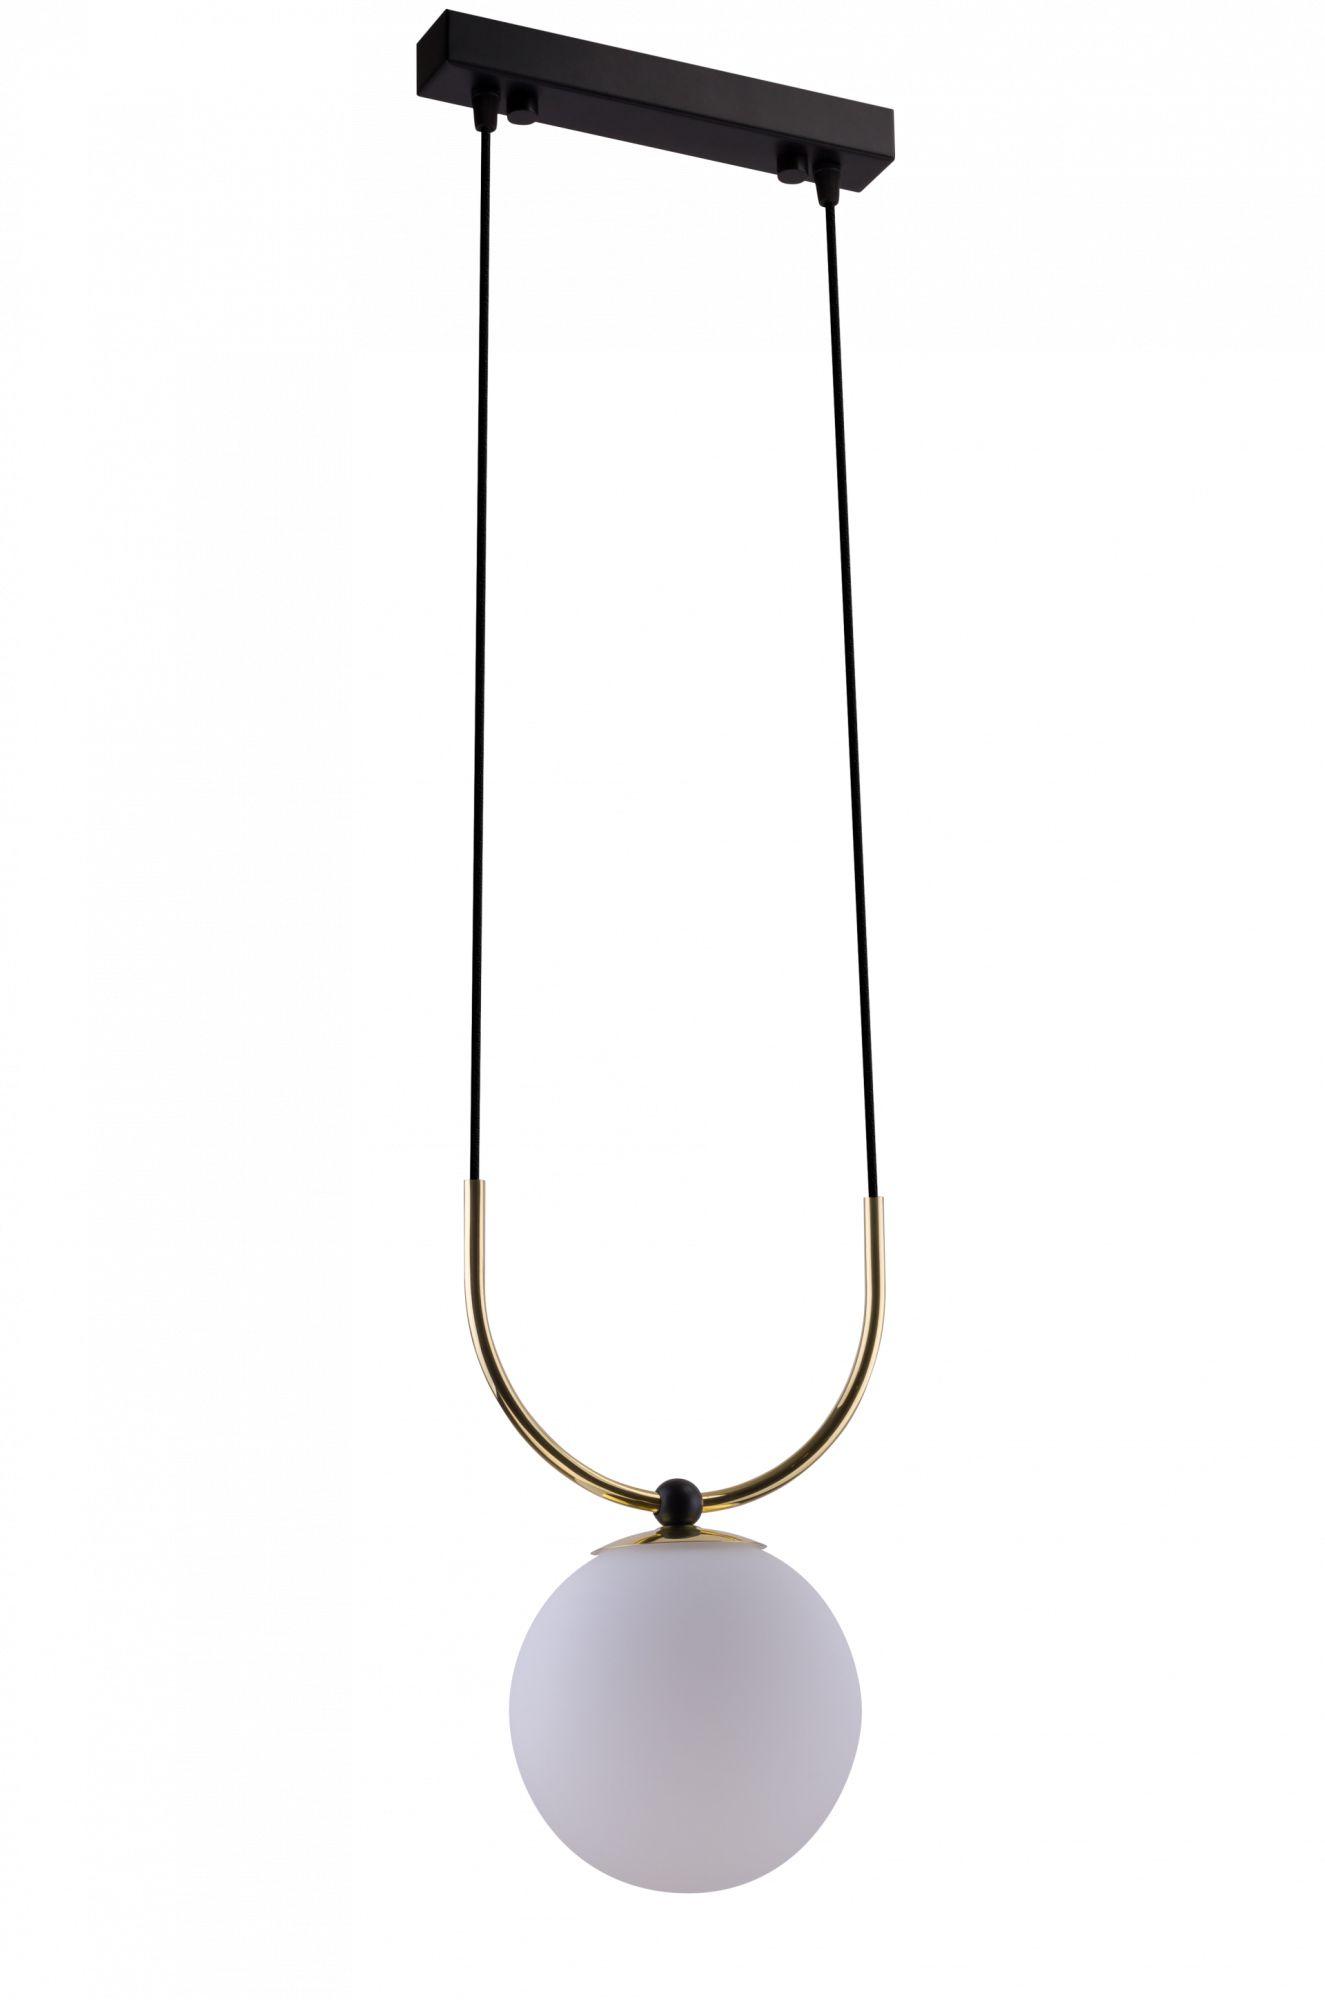 Lampa wisząca Balos 1 Amplex dekoracyjna oprawa ze szklanym kloszem